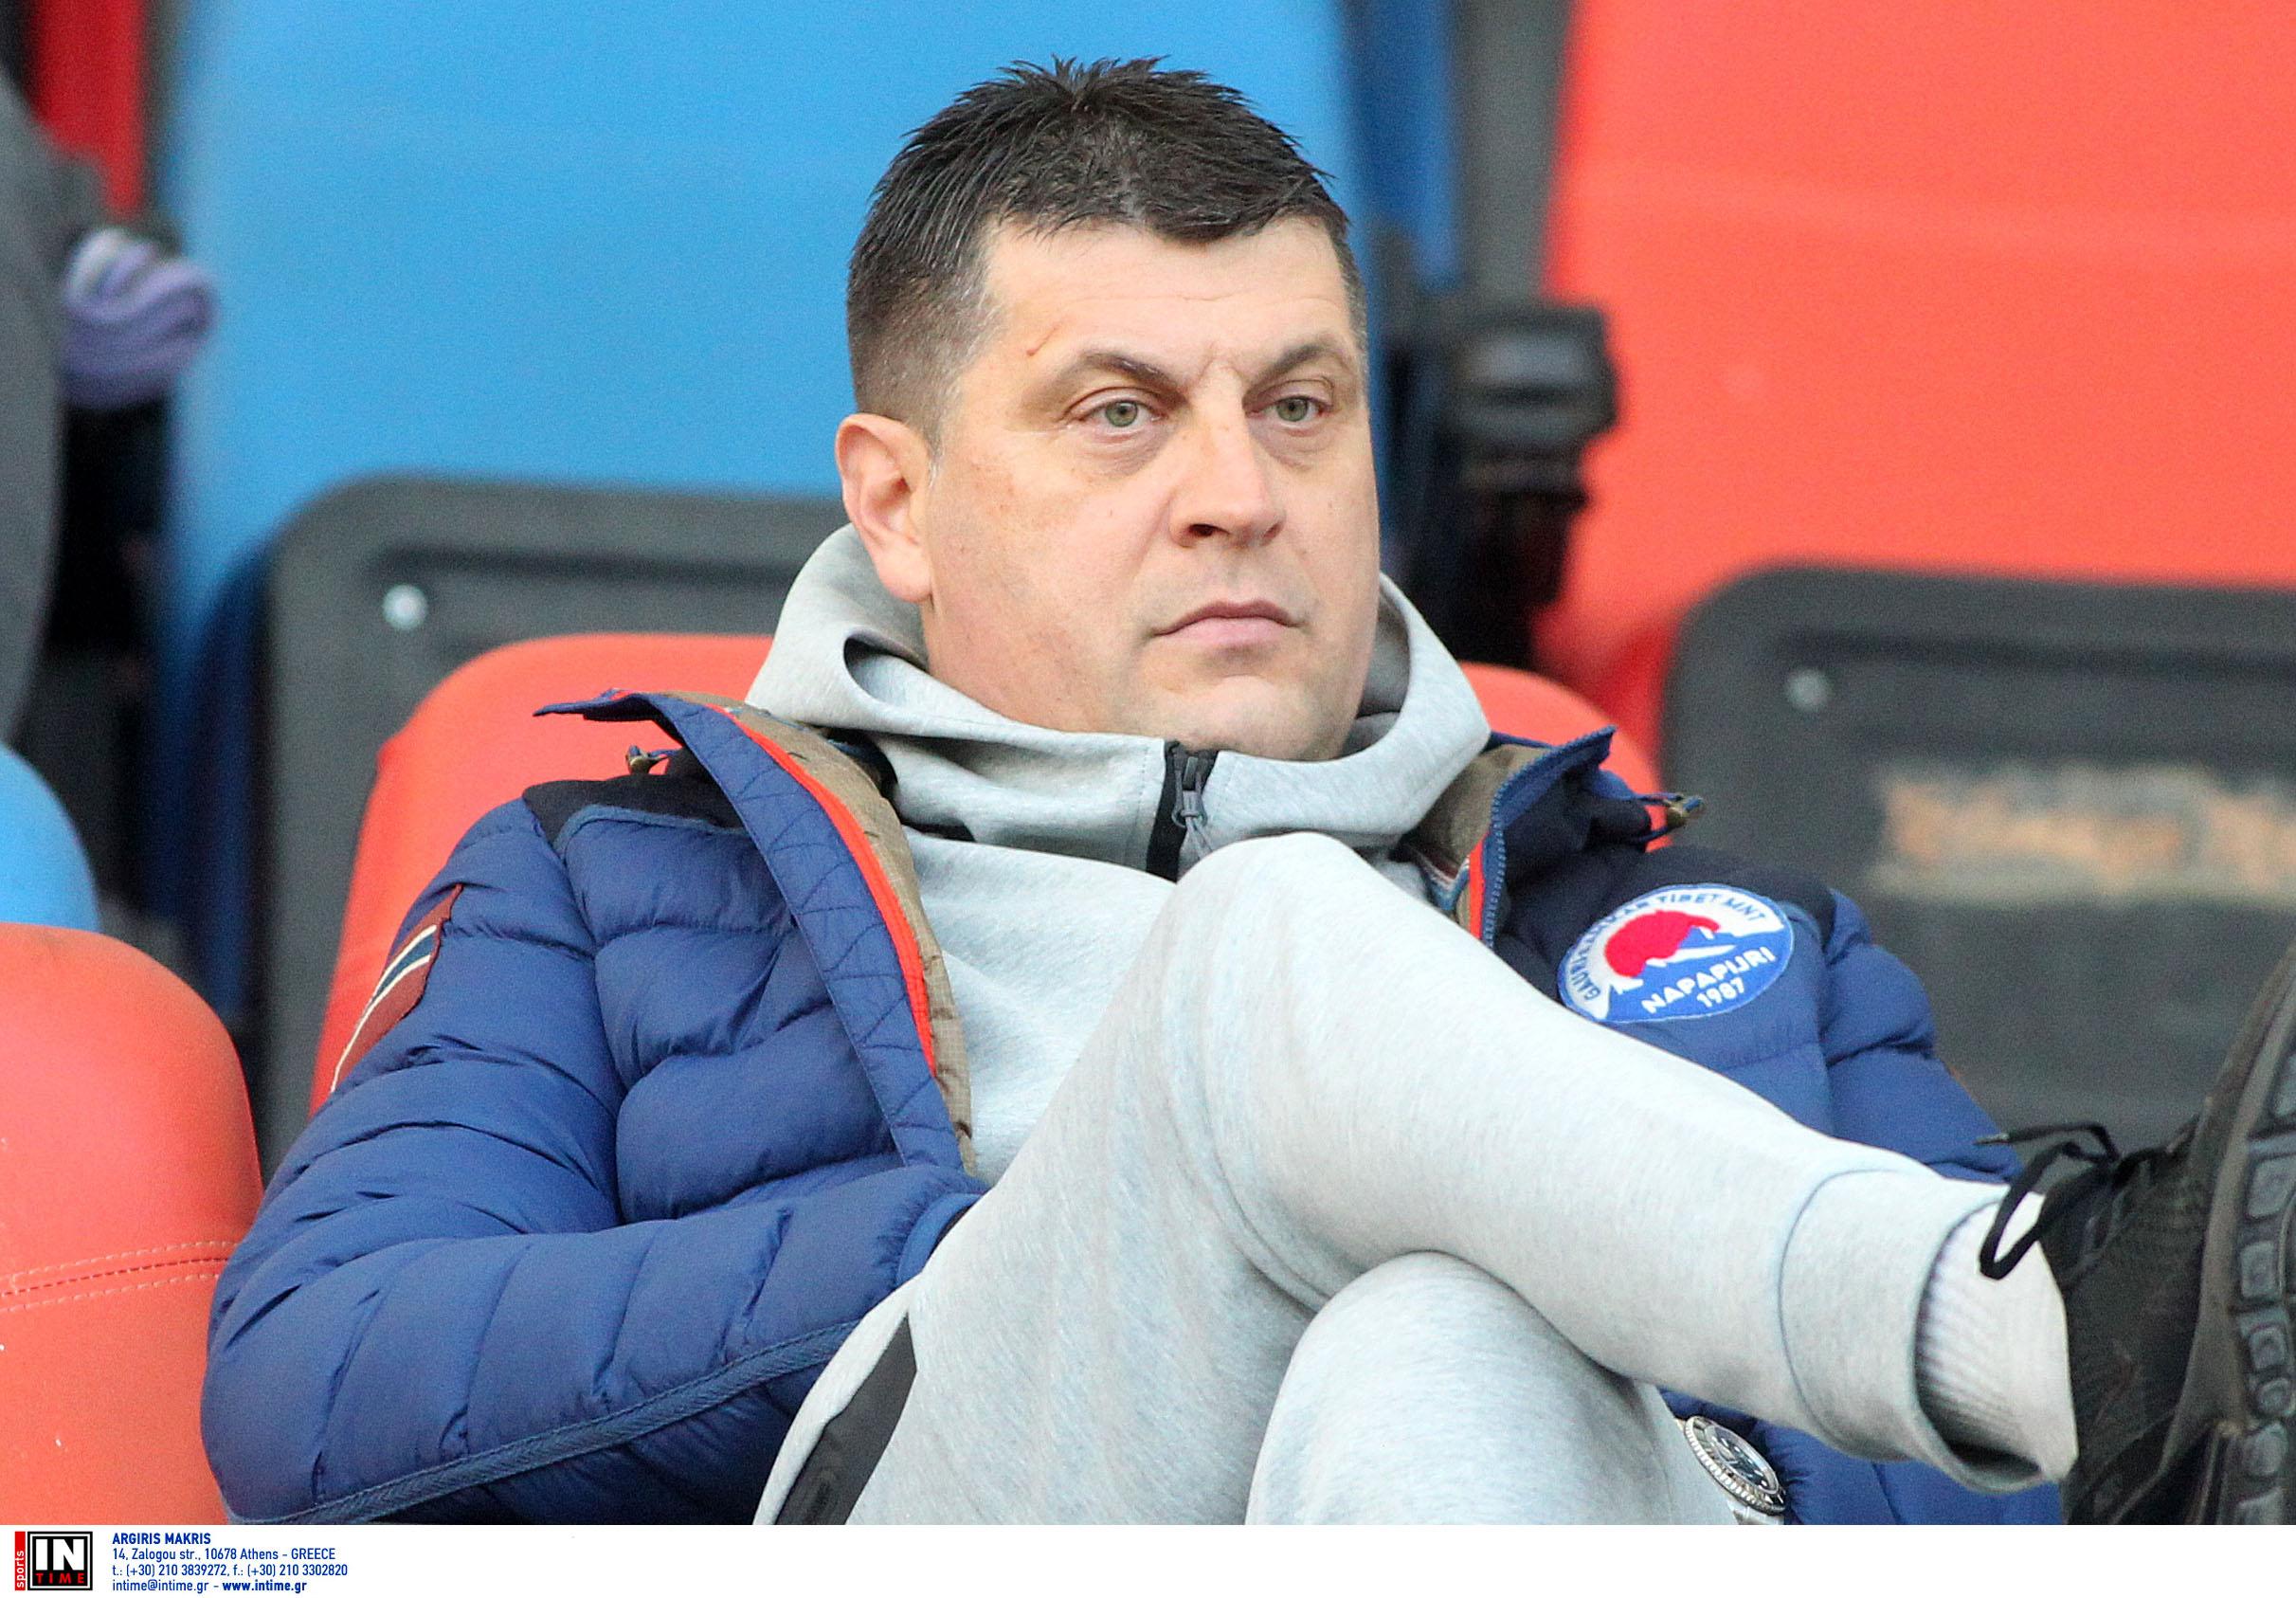 «Πιο κοντά στην ΑΕΚ κι όχι στον Παναθηναϊκό ο Μιλόγεβιτς» γράφουν οι Σέρβοι